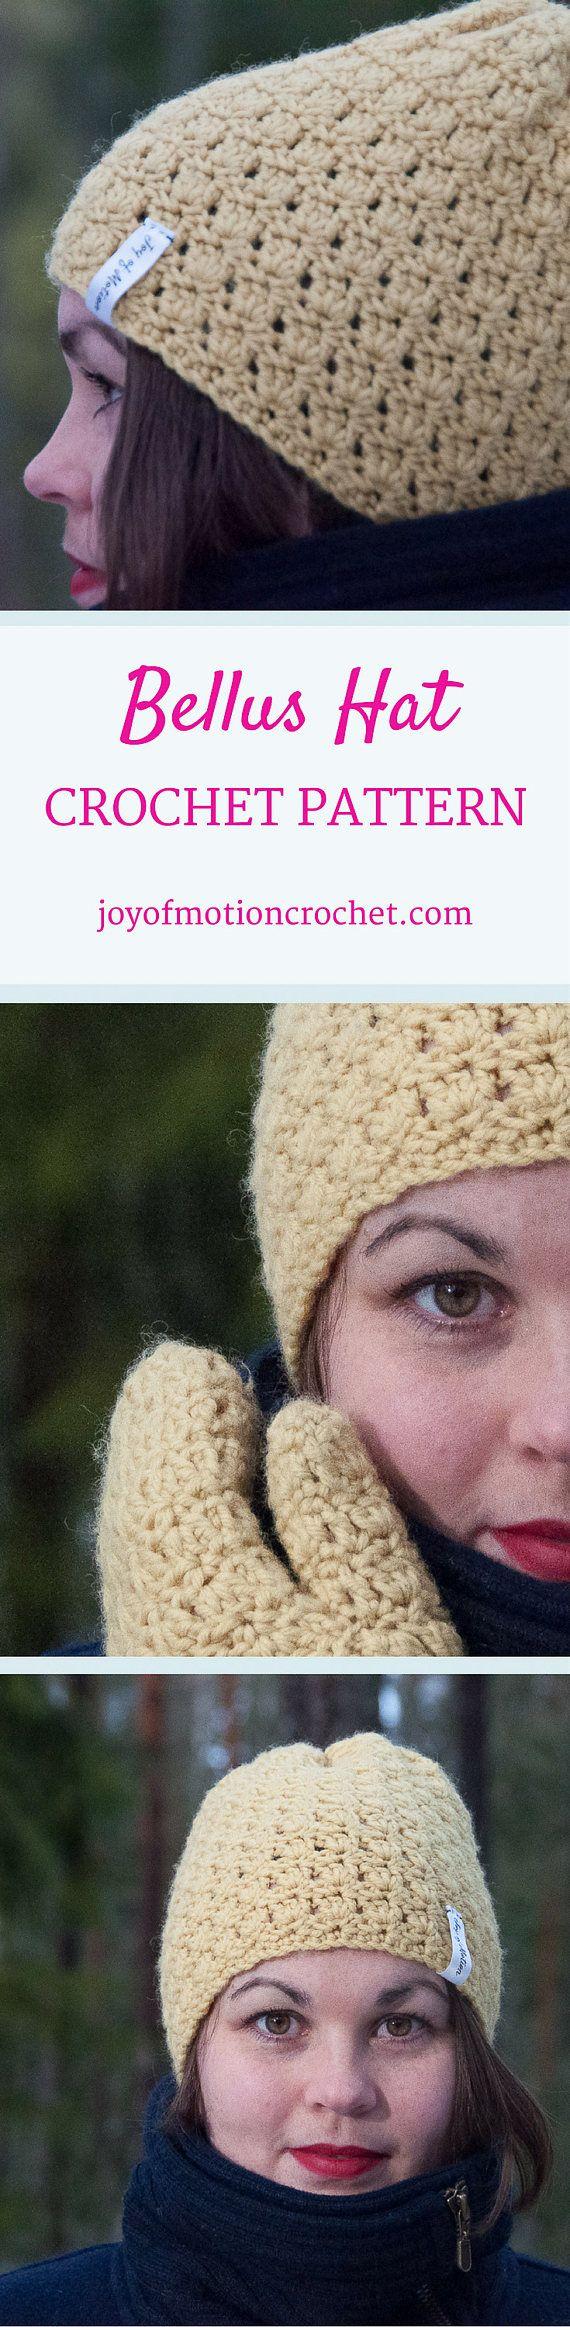 CROCHET PATTERN - Bellus Hat Crochet Pattern - PDF Crochet Pattern from joyofmotion on Etsy Studio